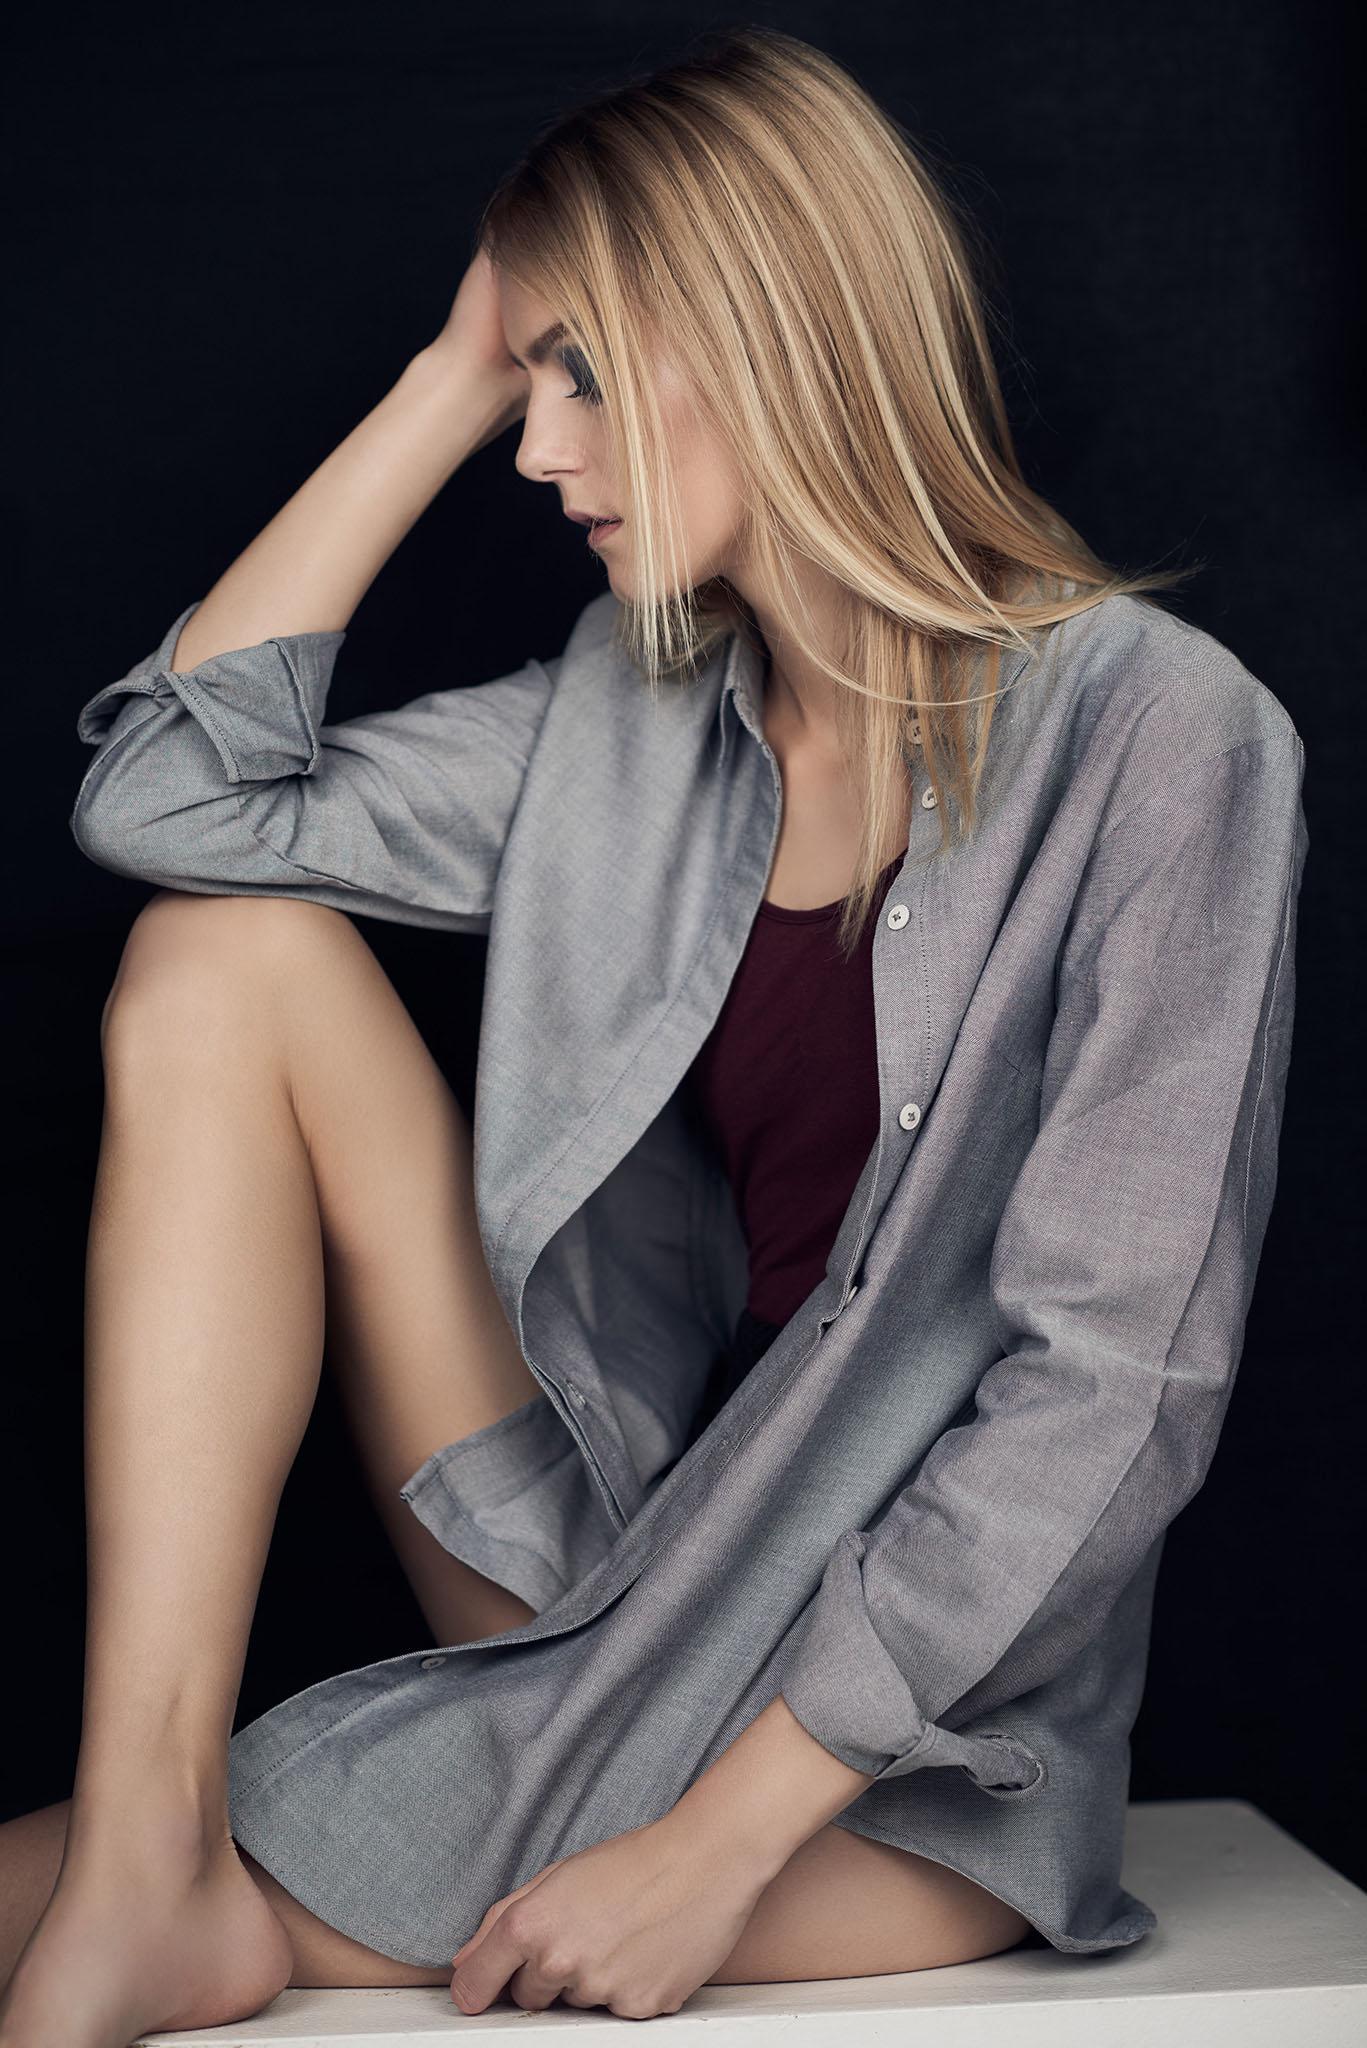 Dansk mode fotograf